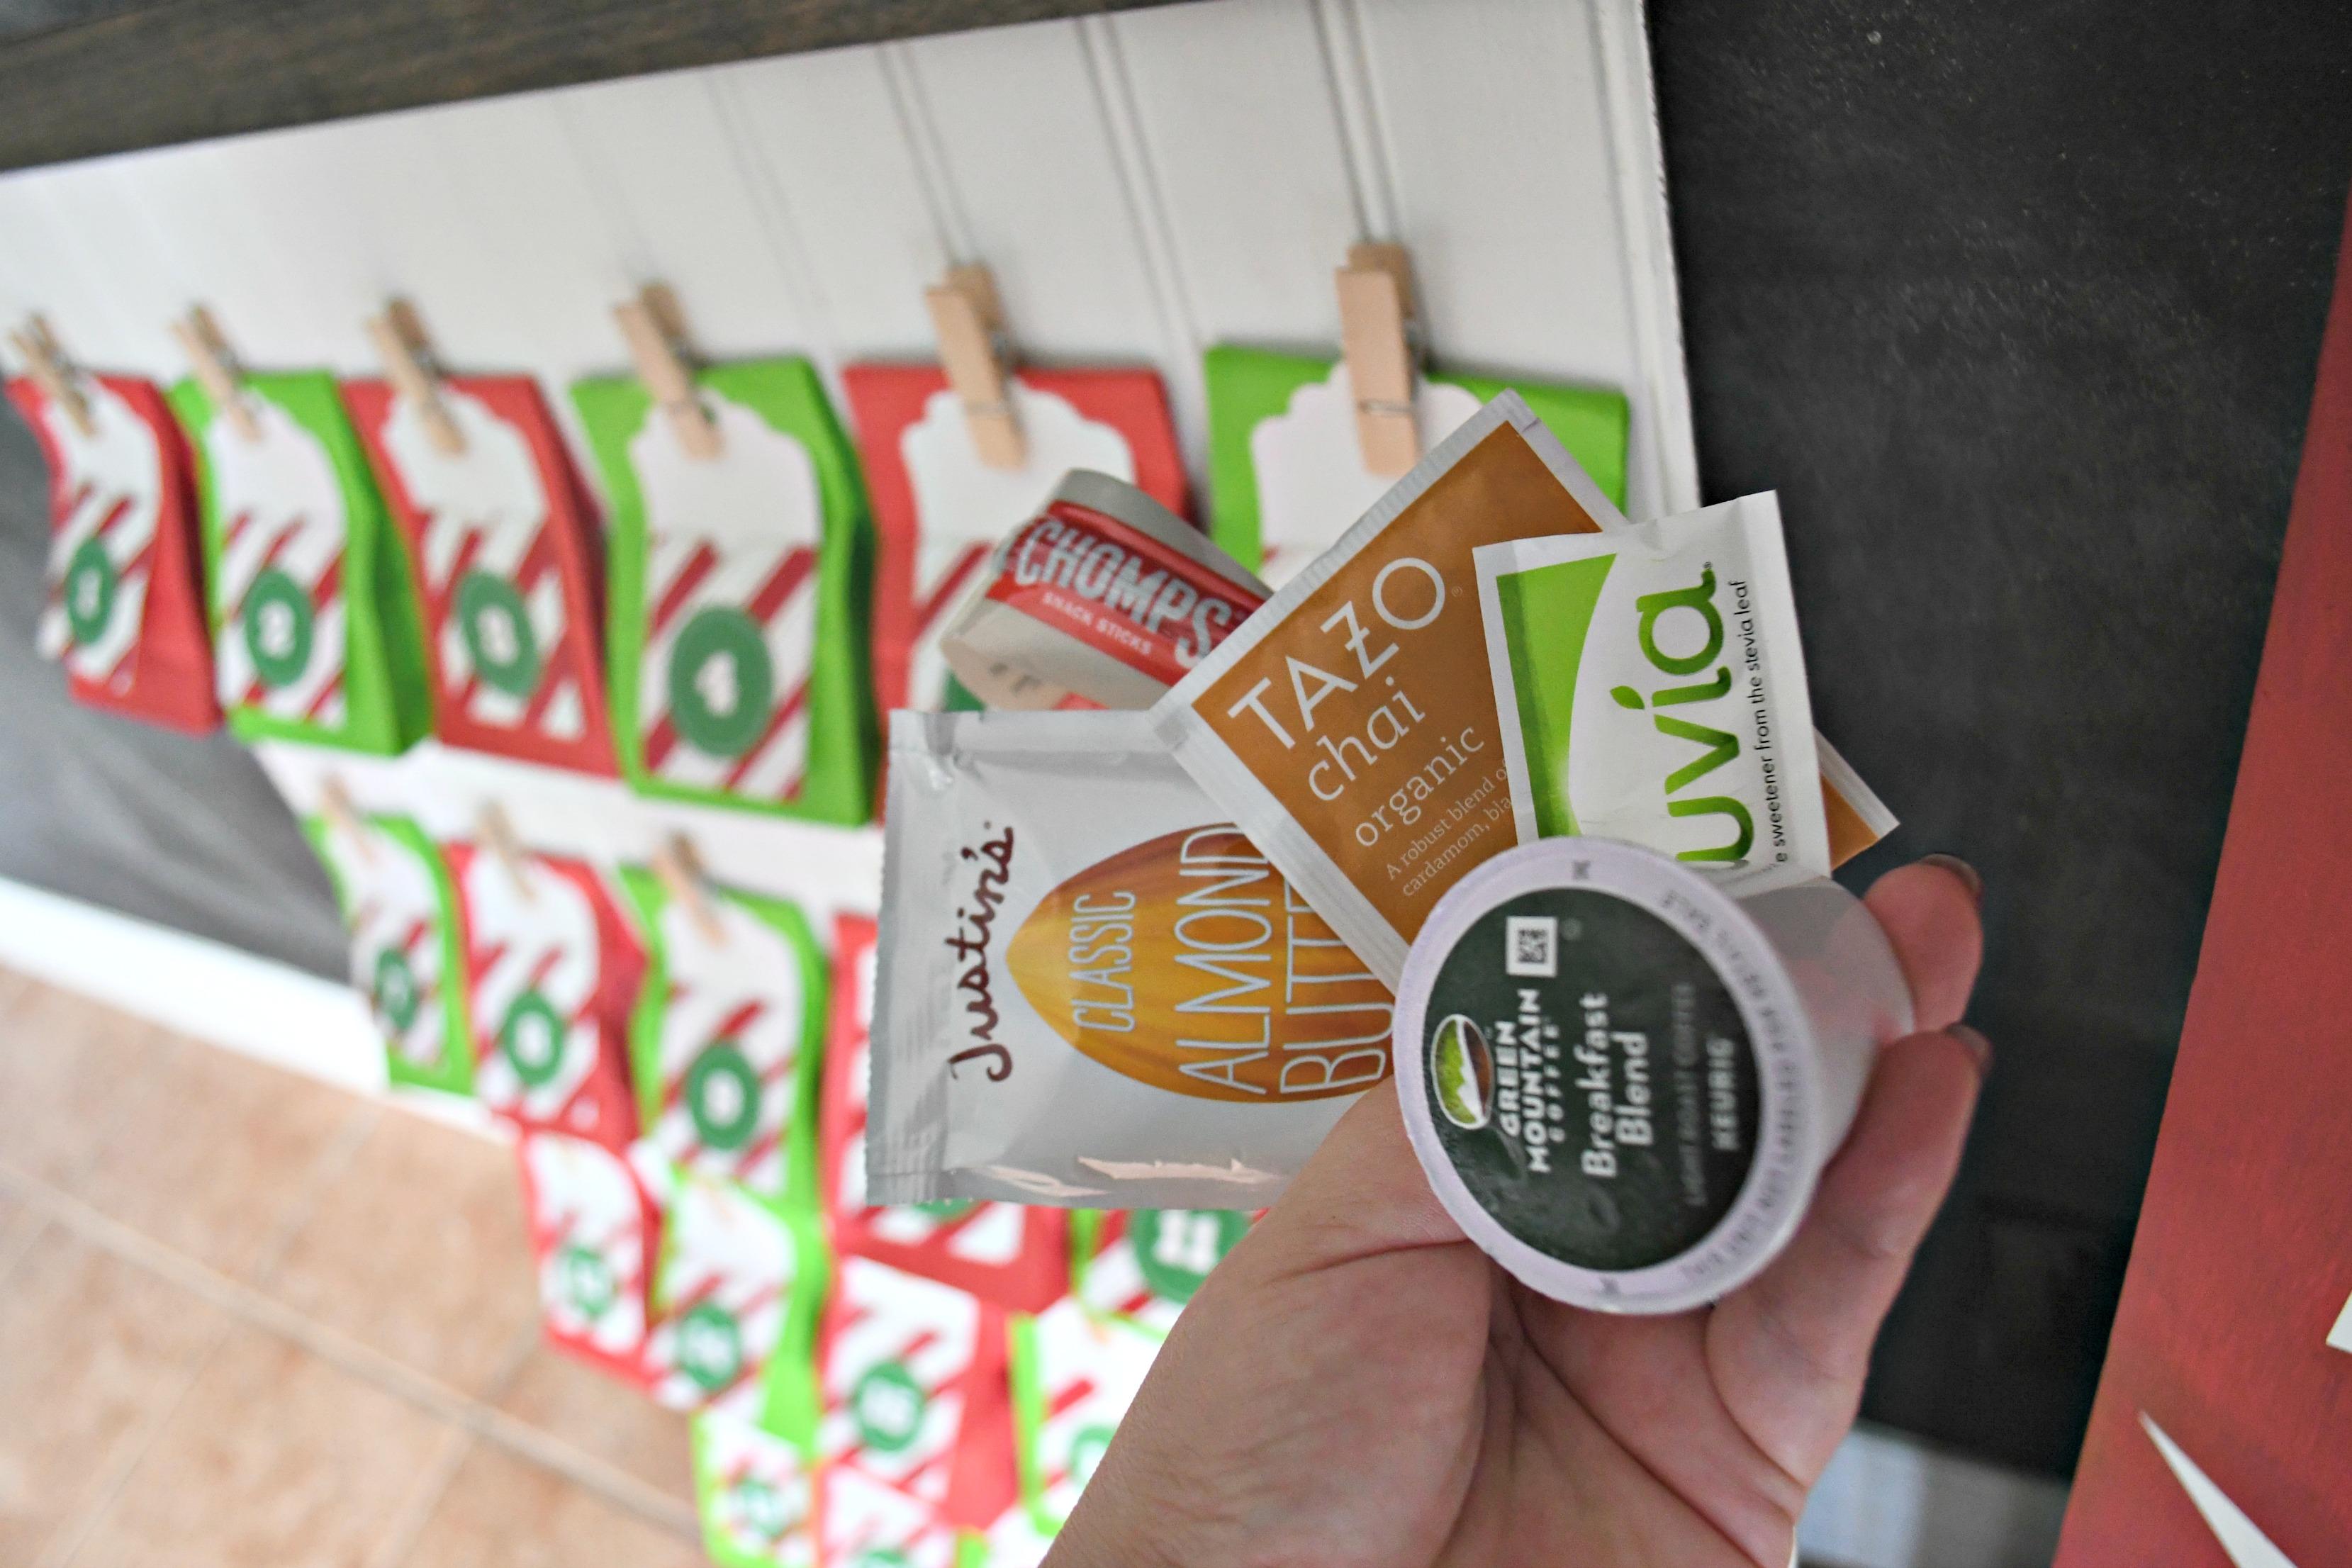 DIY Keto Advent Christmas Calendar – More items to add to an advent calendar